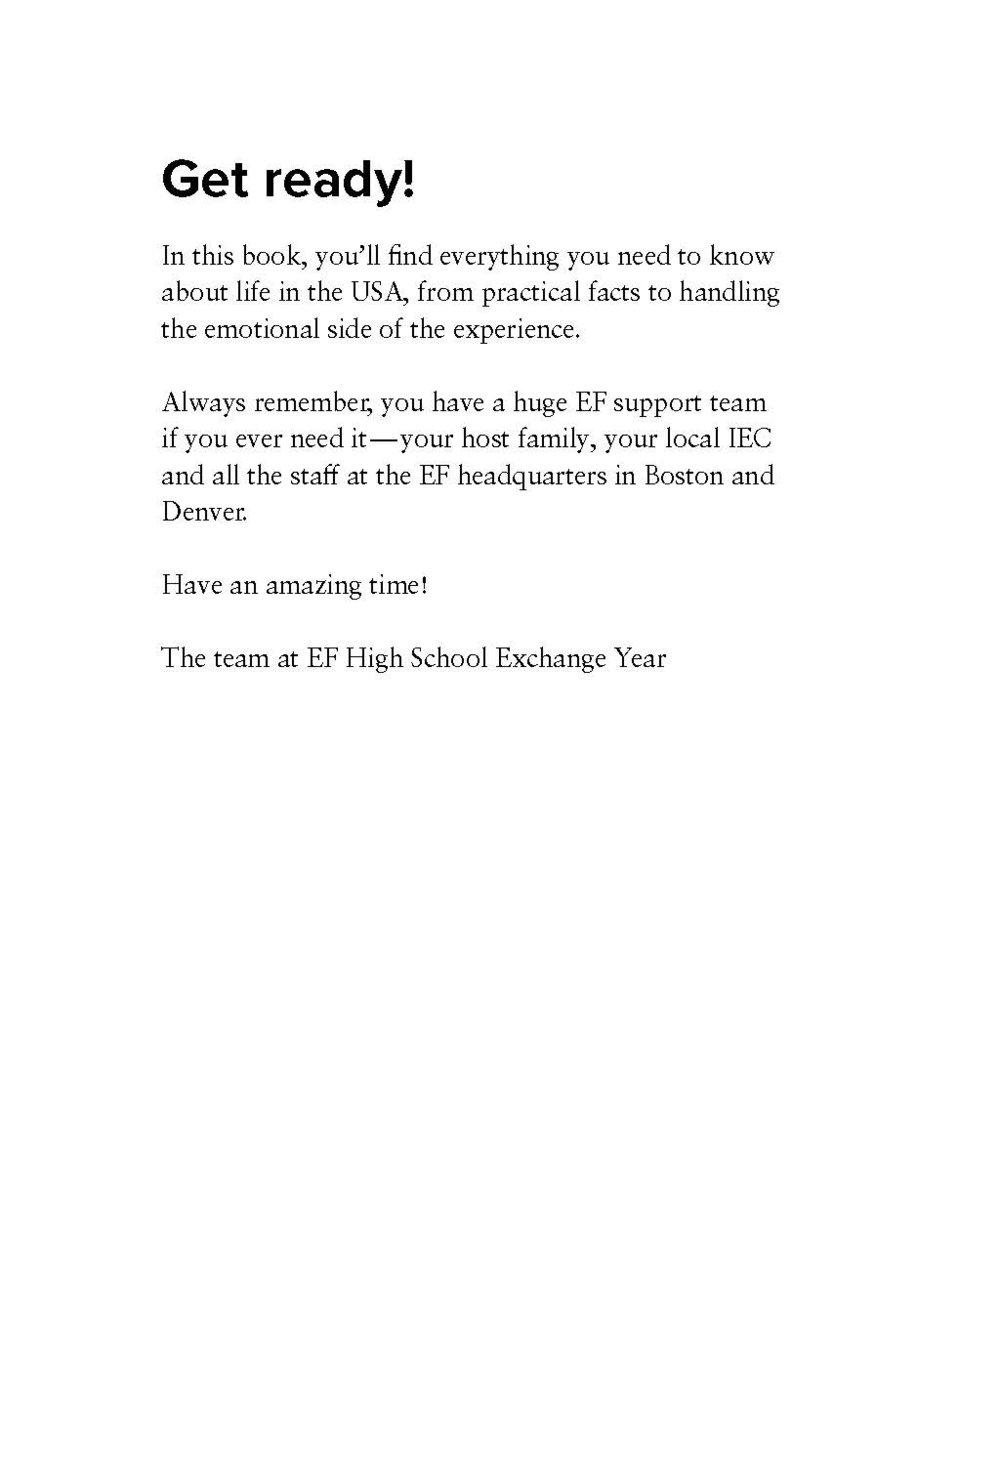 2018_Student_Guidebook_#3_US_Page_02.jpg